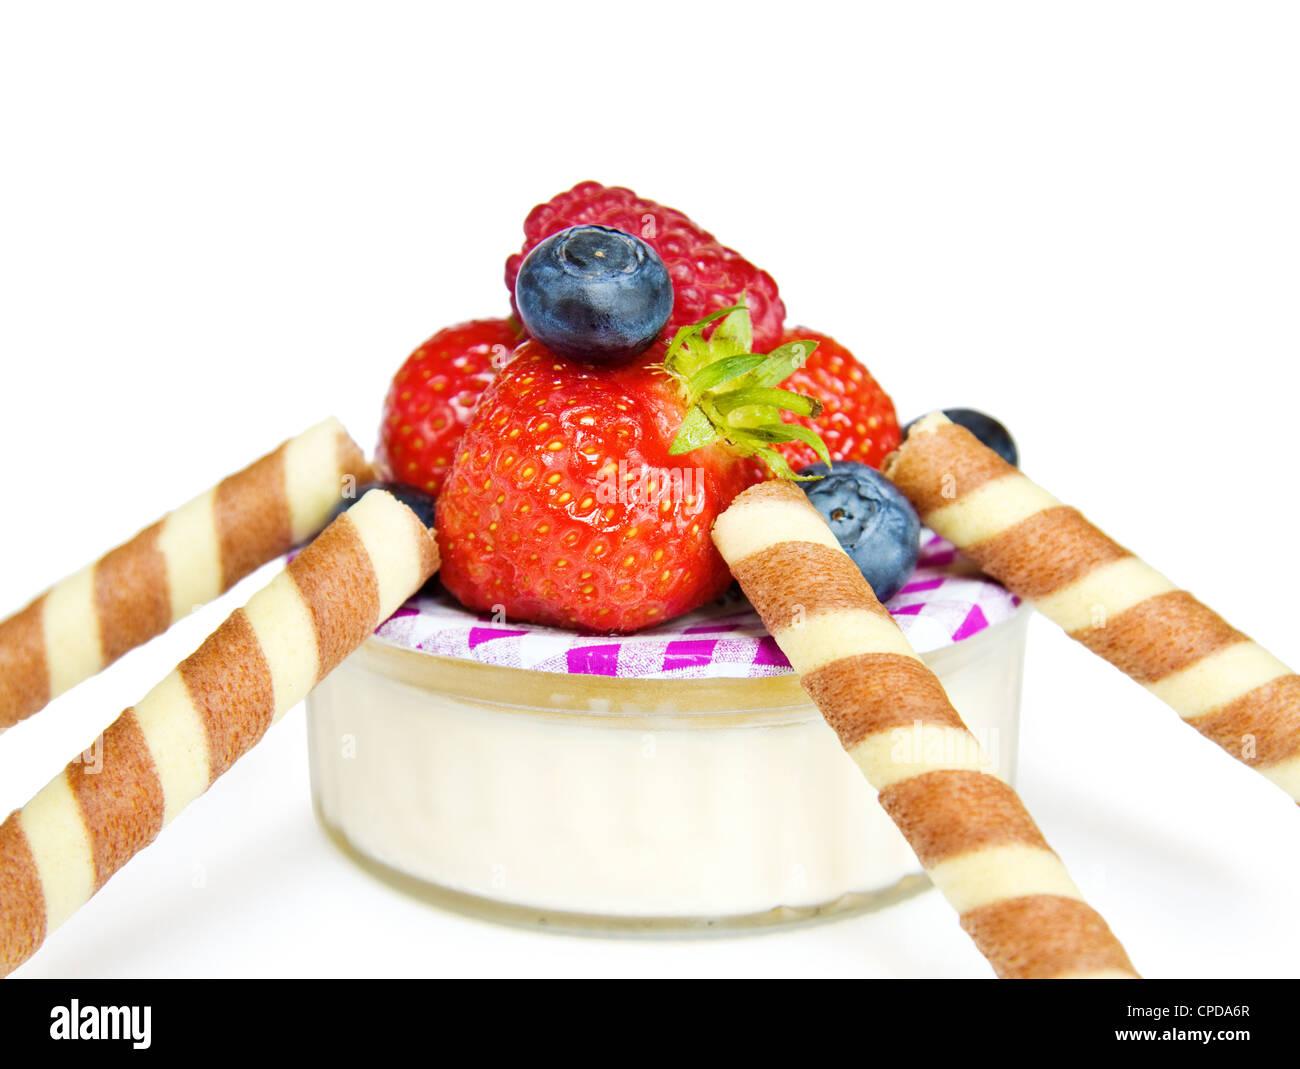 gesunde desserts mit joghurt und erdbeeren isoliert auf wei em hintergrund stockfoto bild. Black Bedroom Furniture Sets. Home Design Ideas